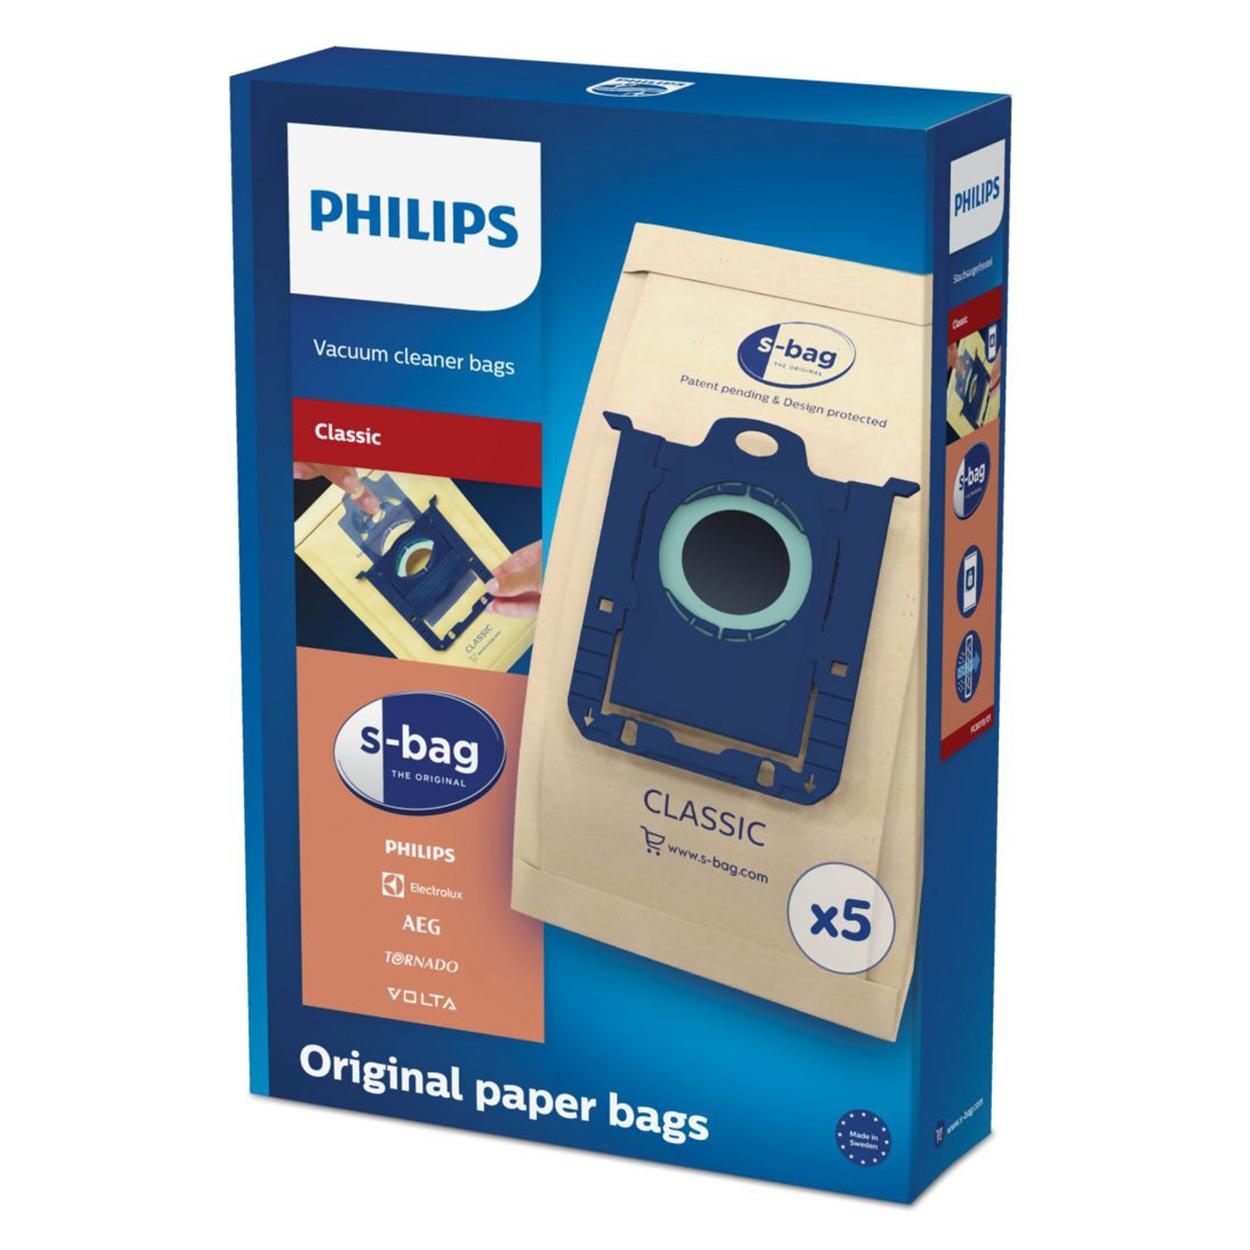 Pirkite s-bag Dulkių siurblių maišelius FC8019/01 elektroninėje   Philips parduotuvėje